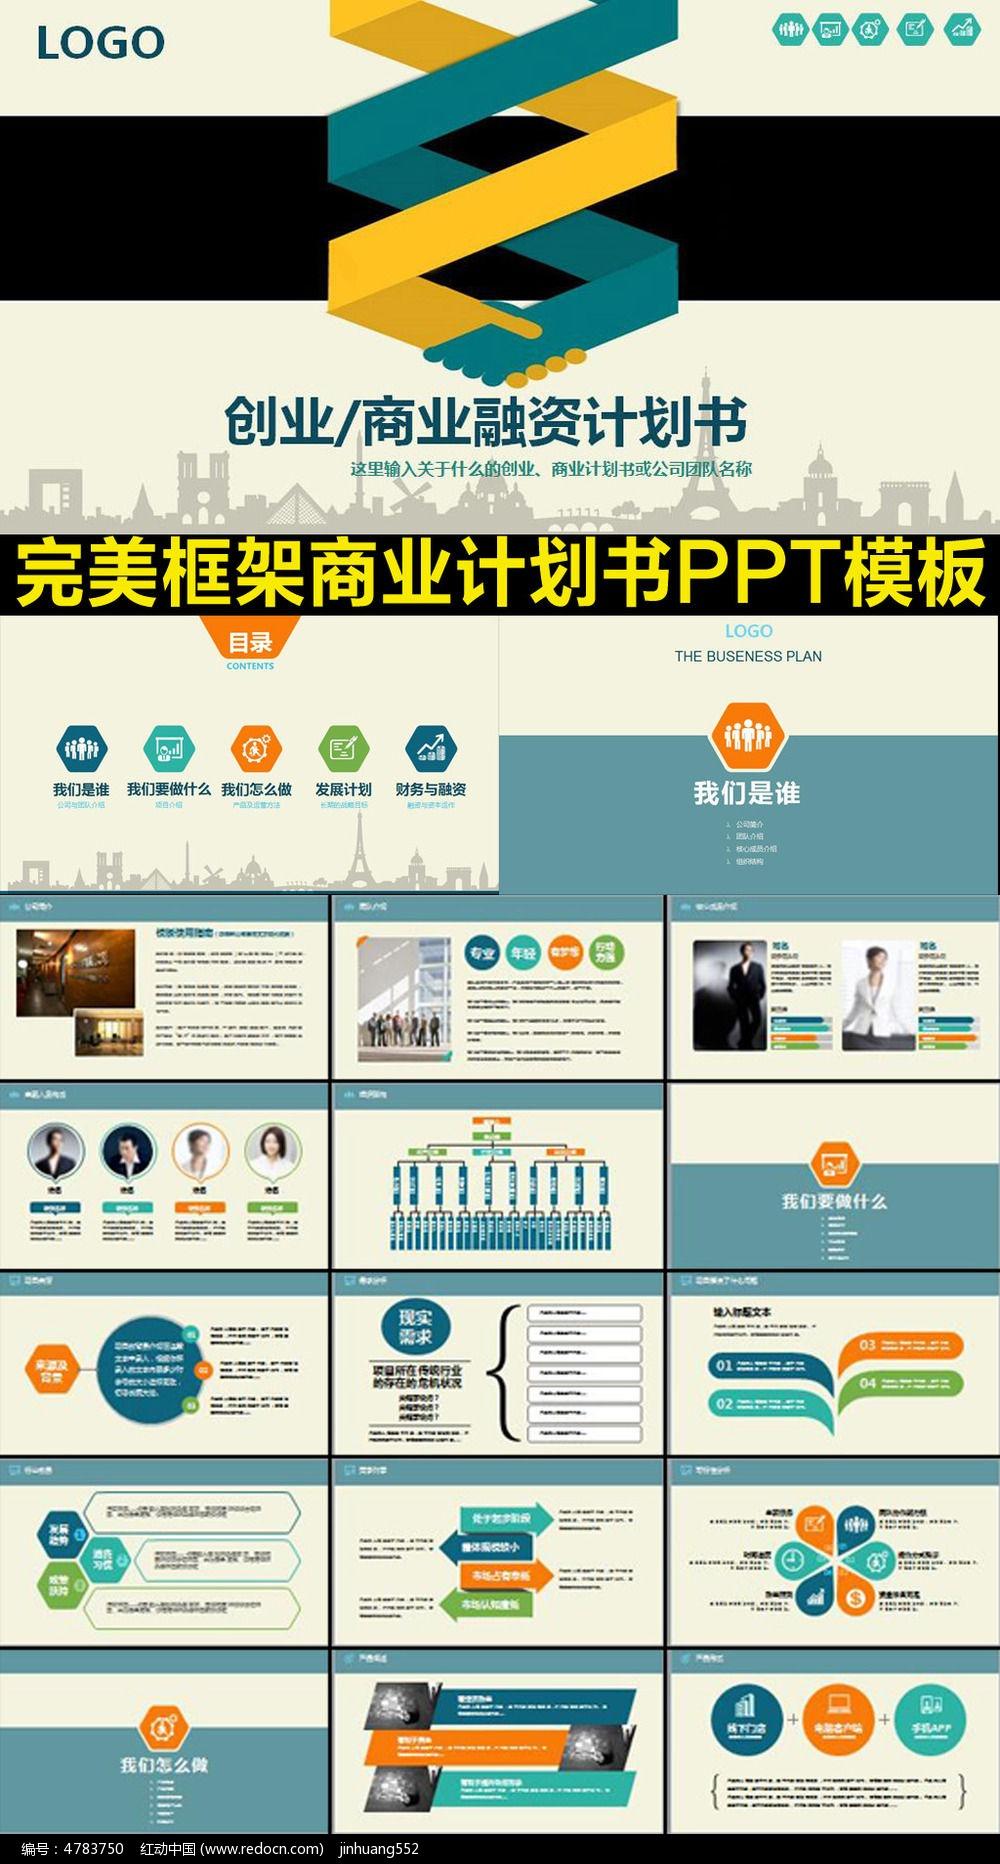 融资 创业投资 项目策划 商业策划 公司计划PPT 创业计划PPT 商业计